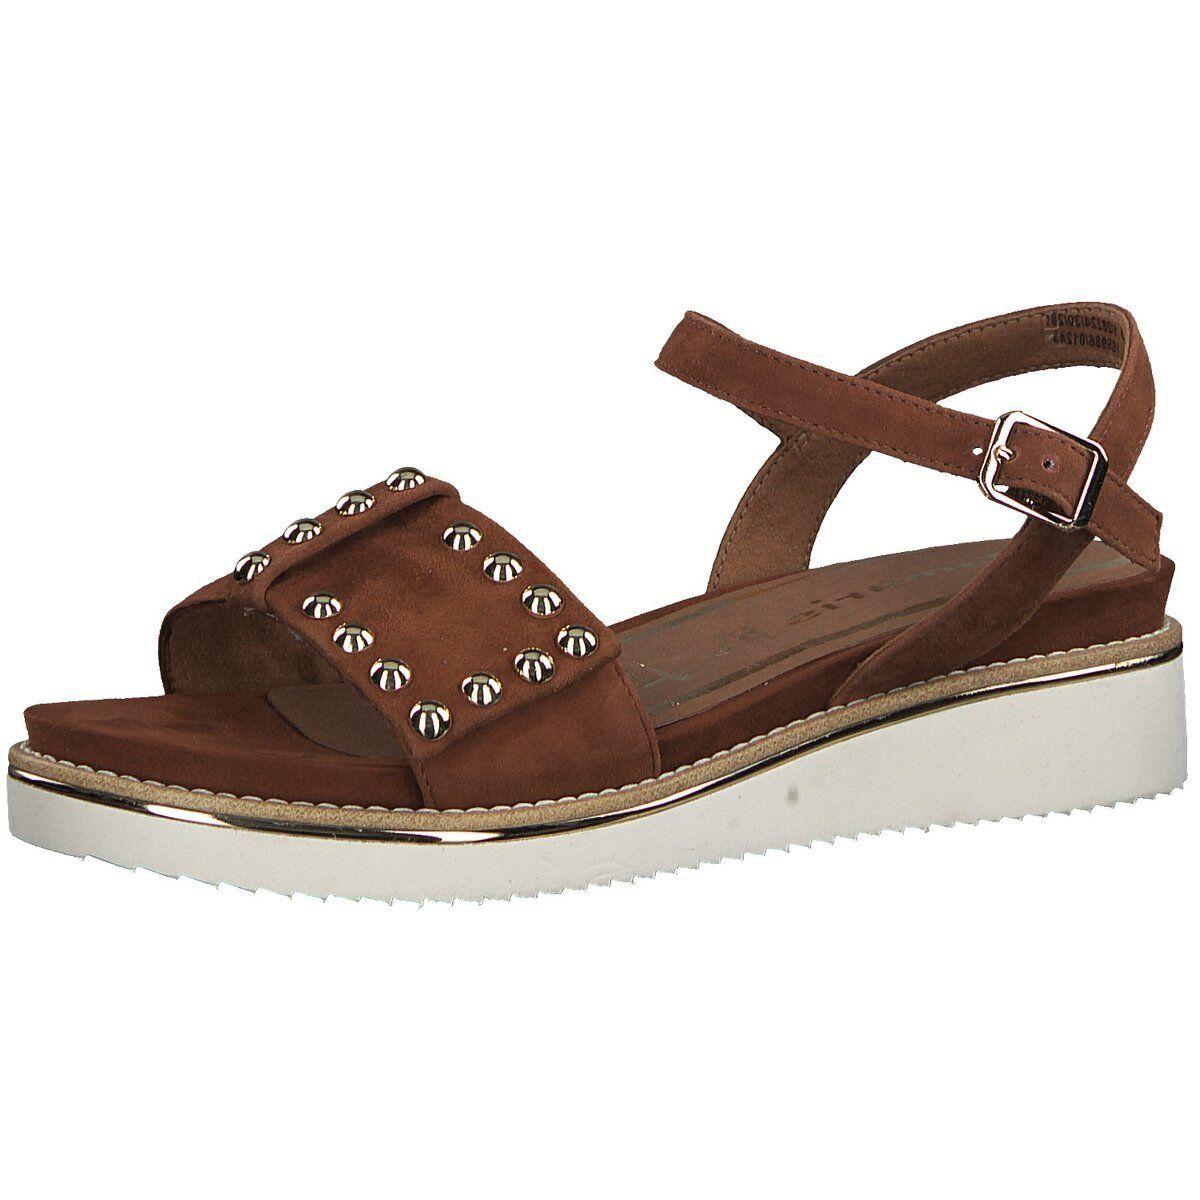 Sandals Woms Sandaletten Damen Tamaris 1 1 28224 30 422275